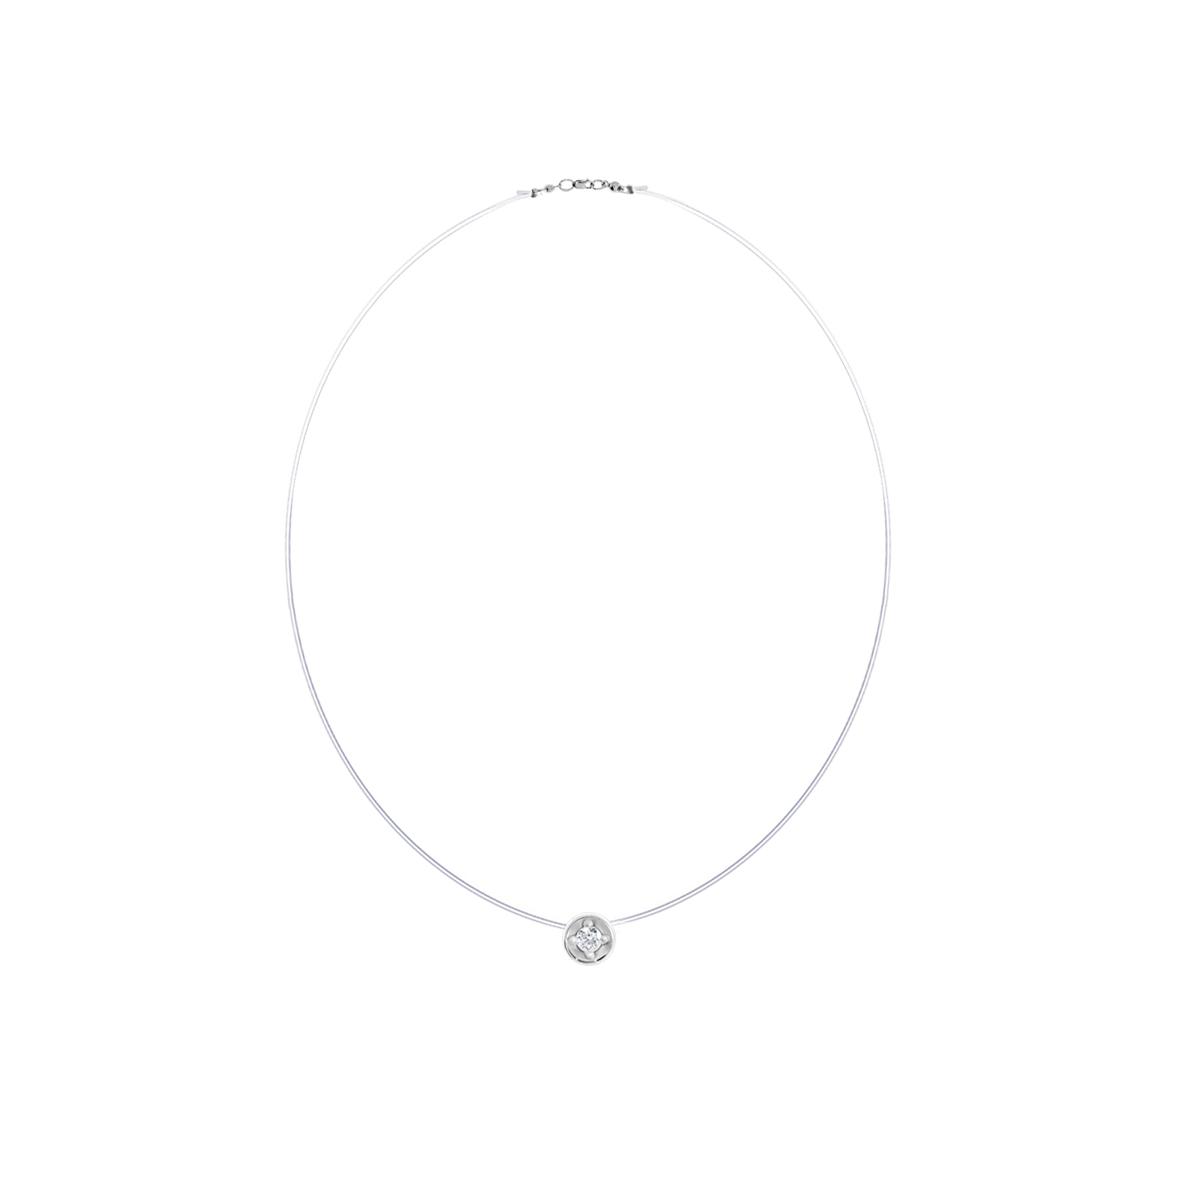 Колье-леска из серебра с леской и фианитом арт. 8340203056-40 8340203056-40